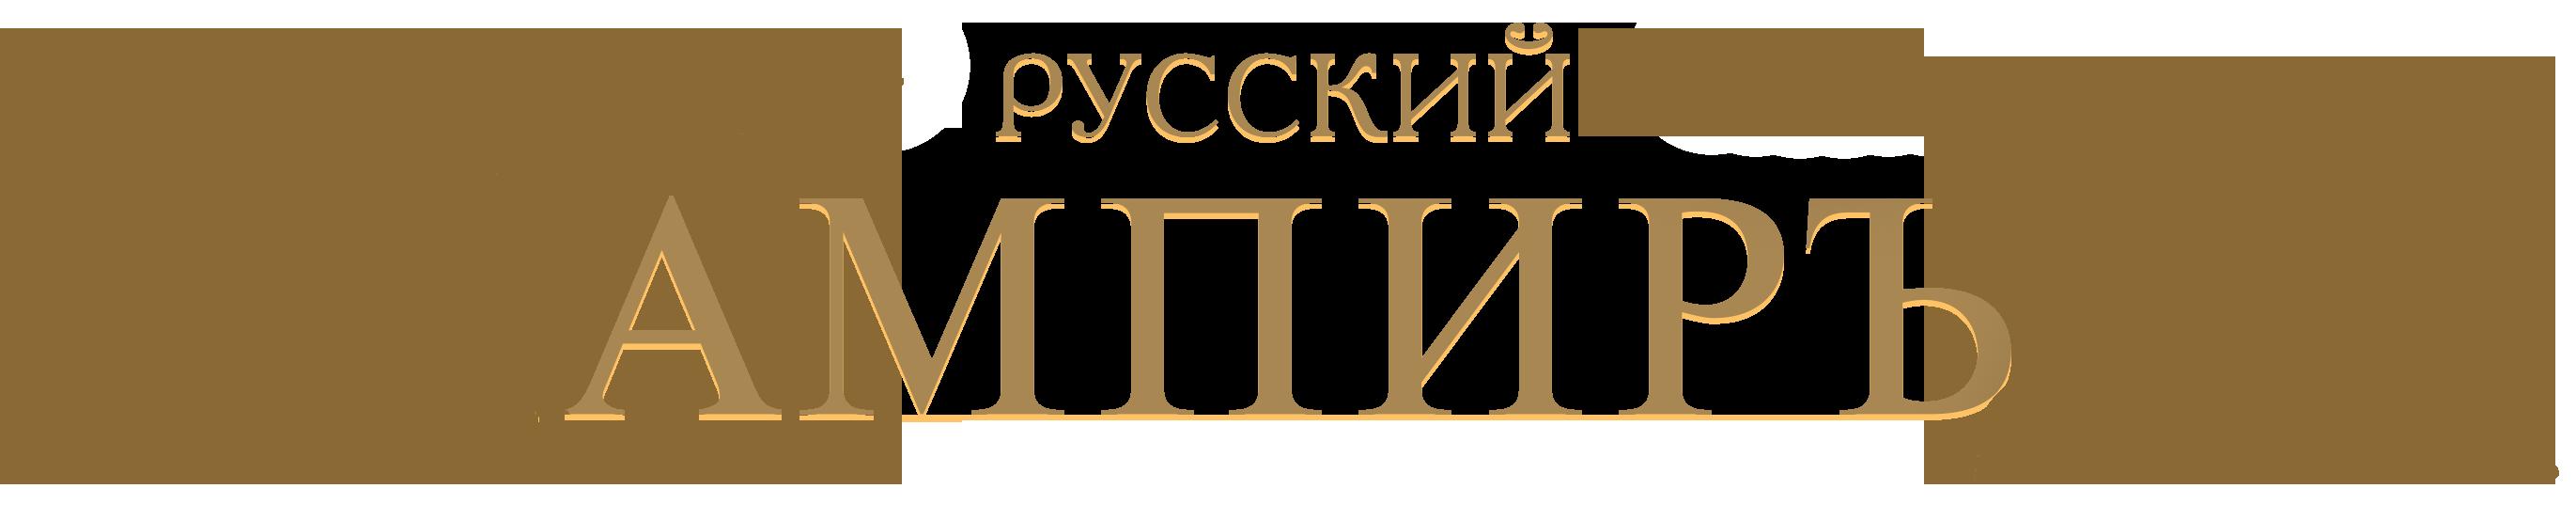 russianampir